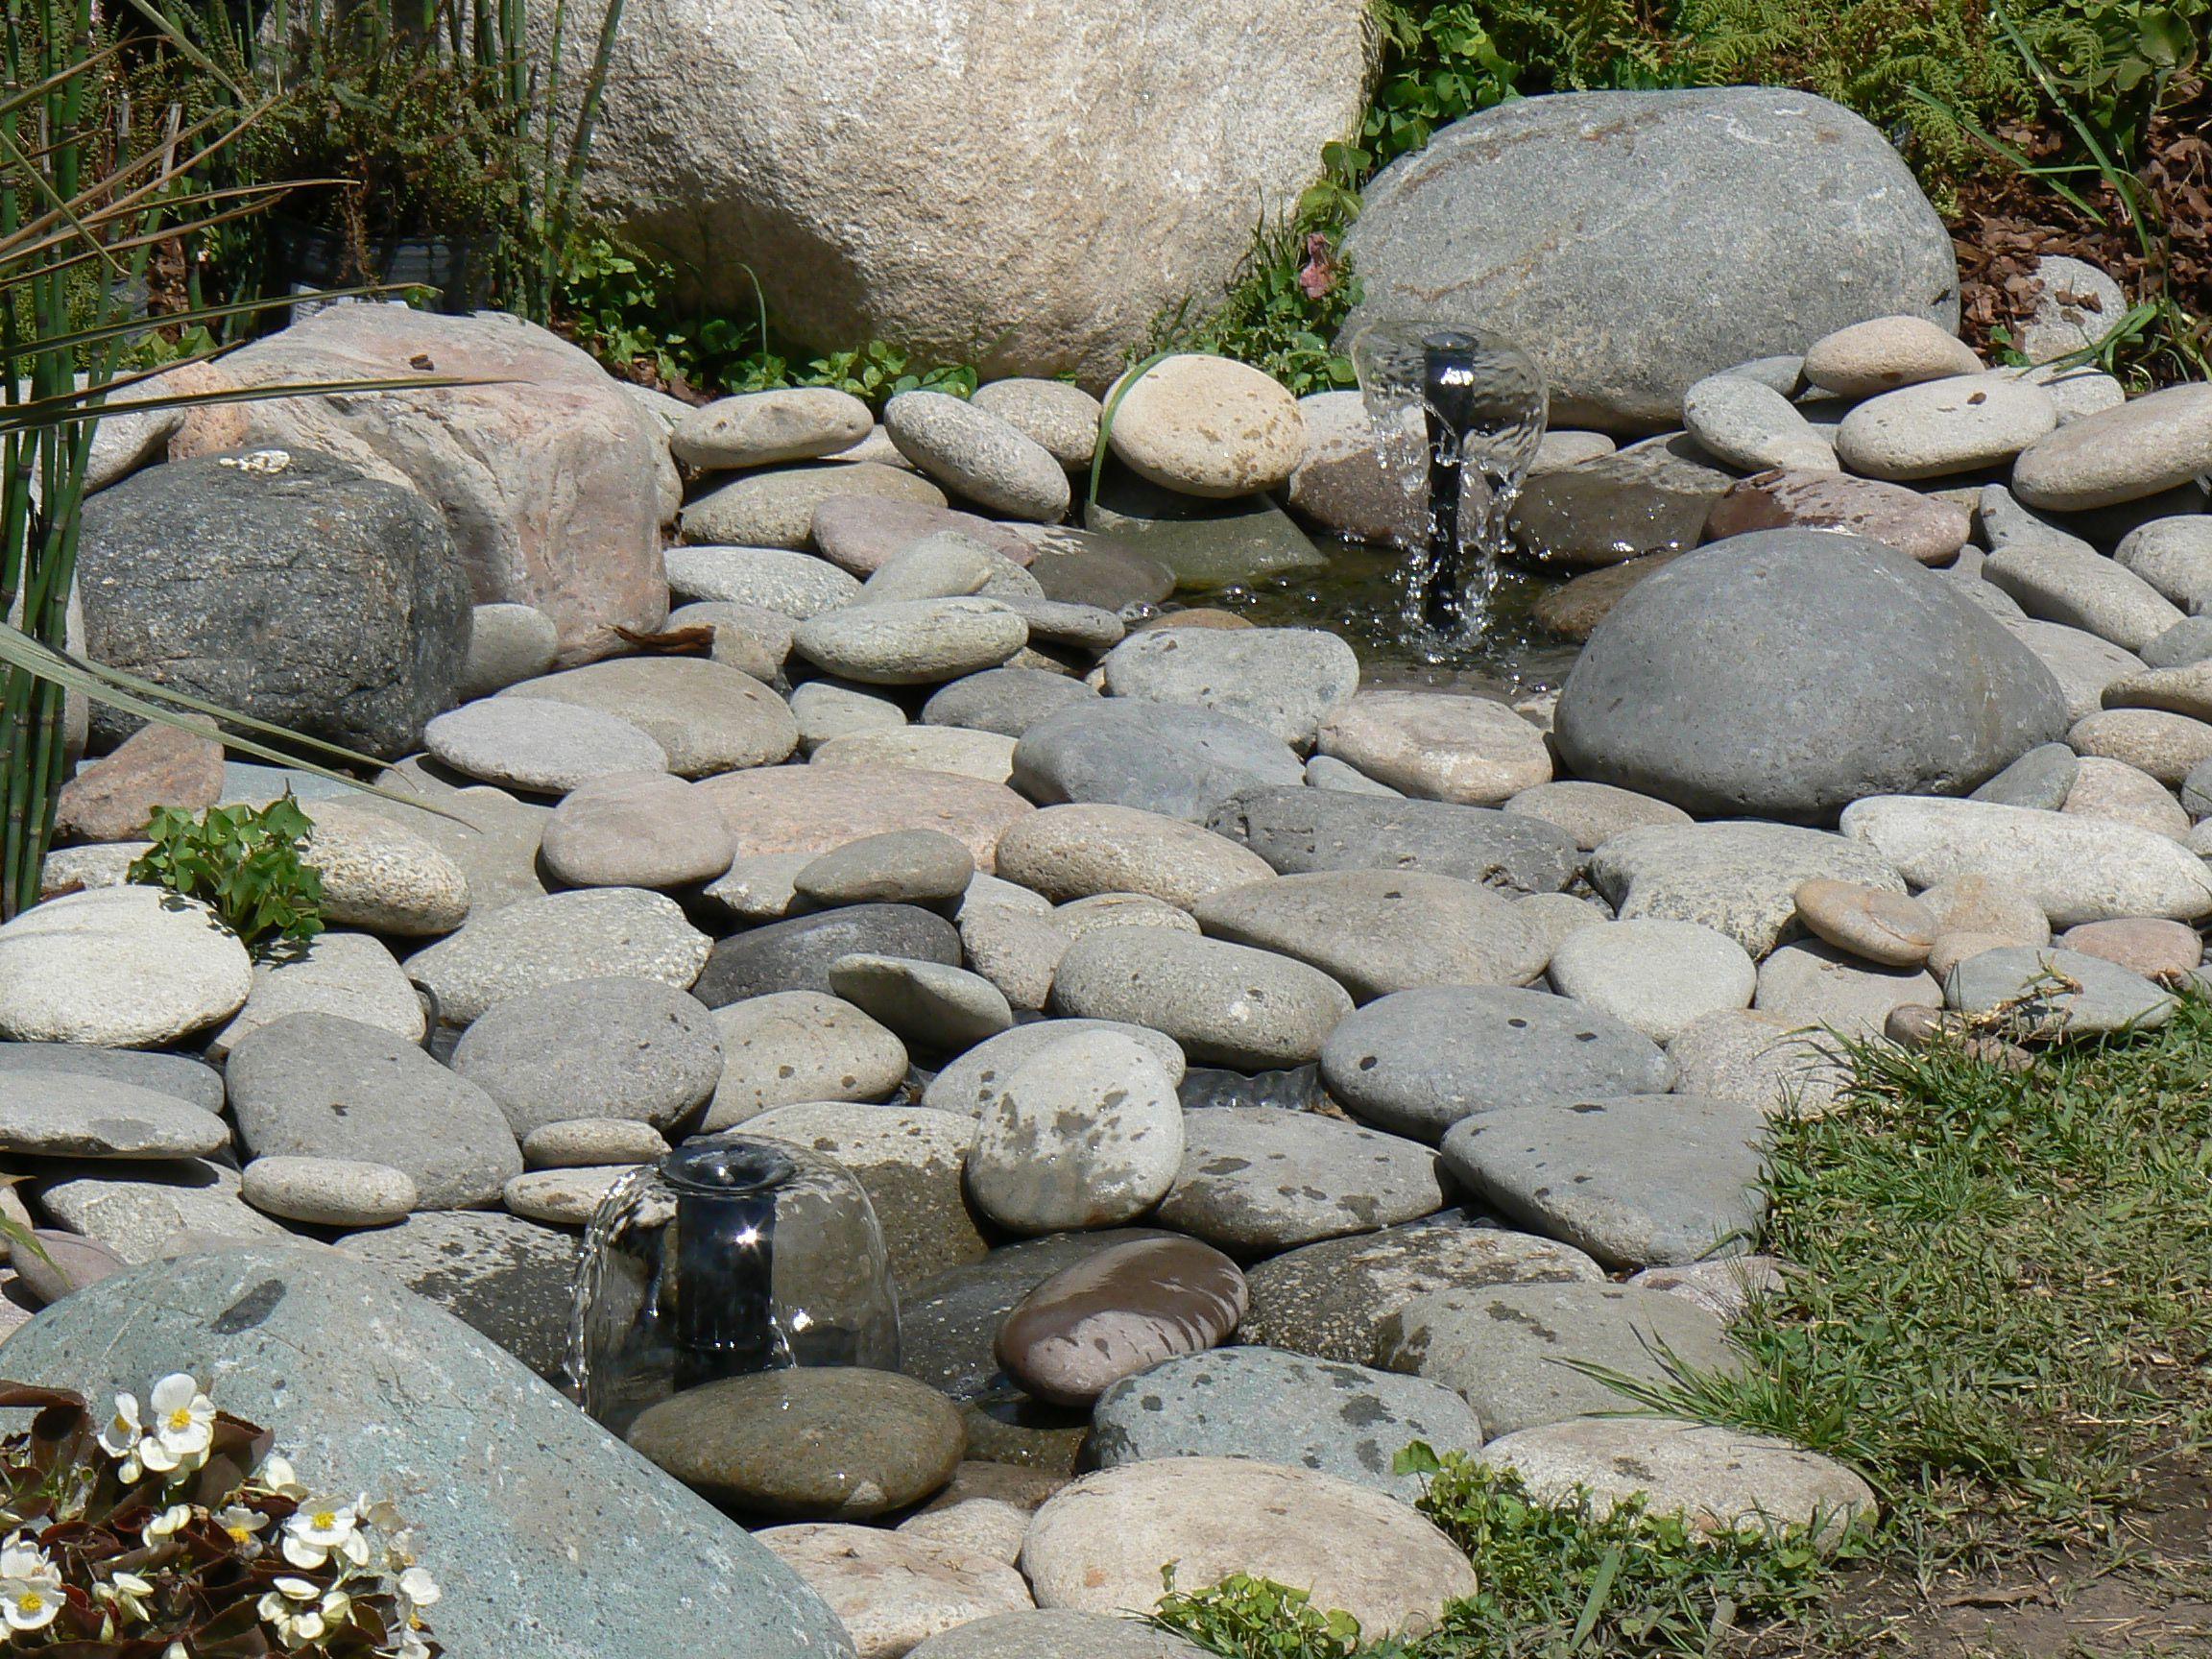 Fuente con piedras de rio para jardines pinterest de rio piedra y fuentes - Fuentes para jardin de piedra ...